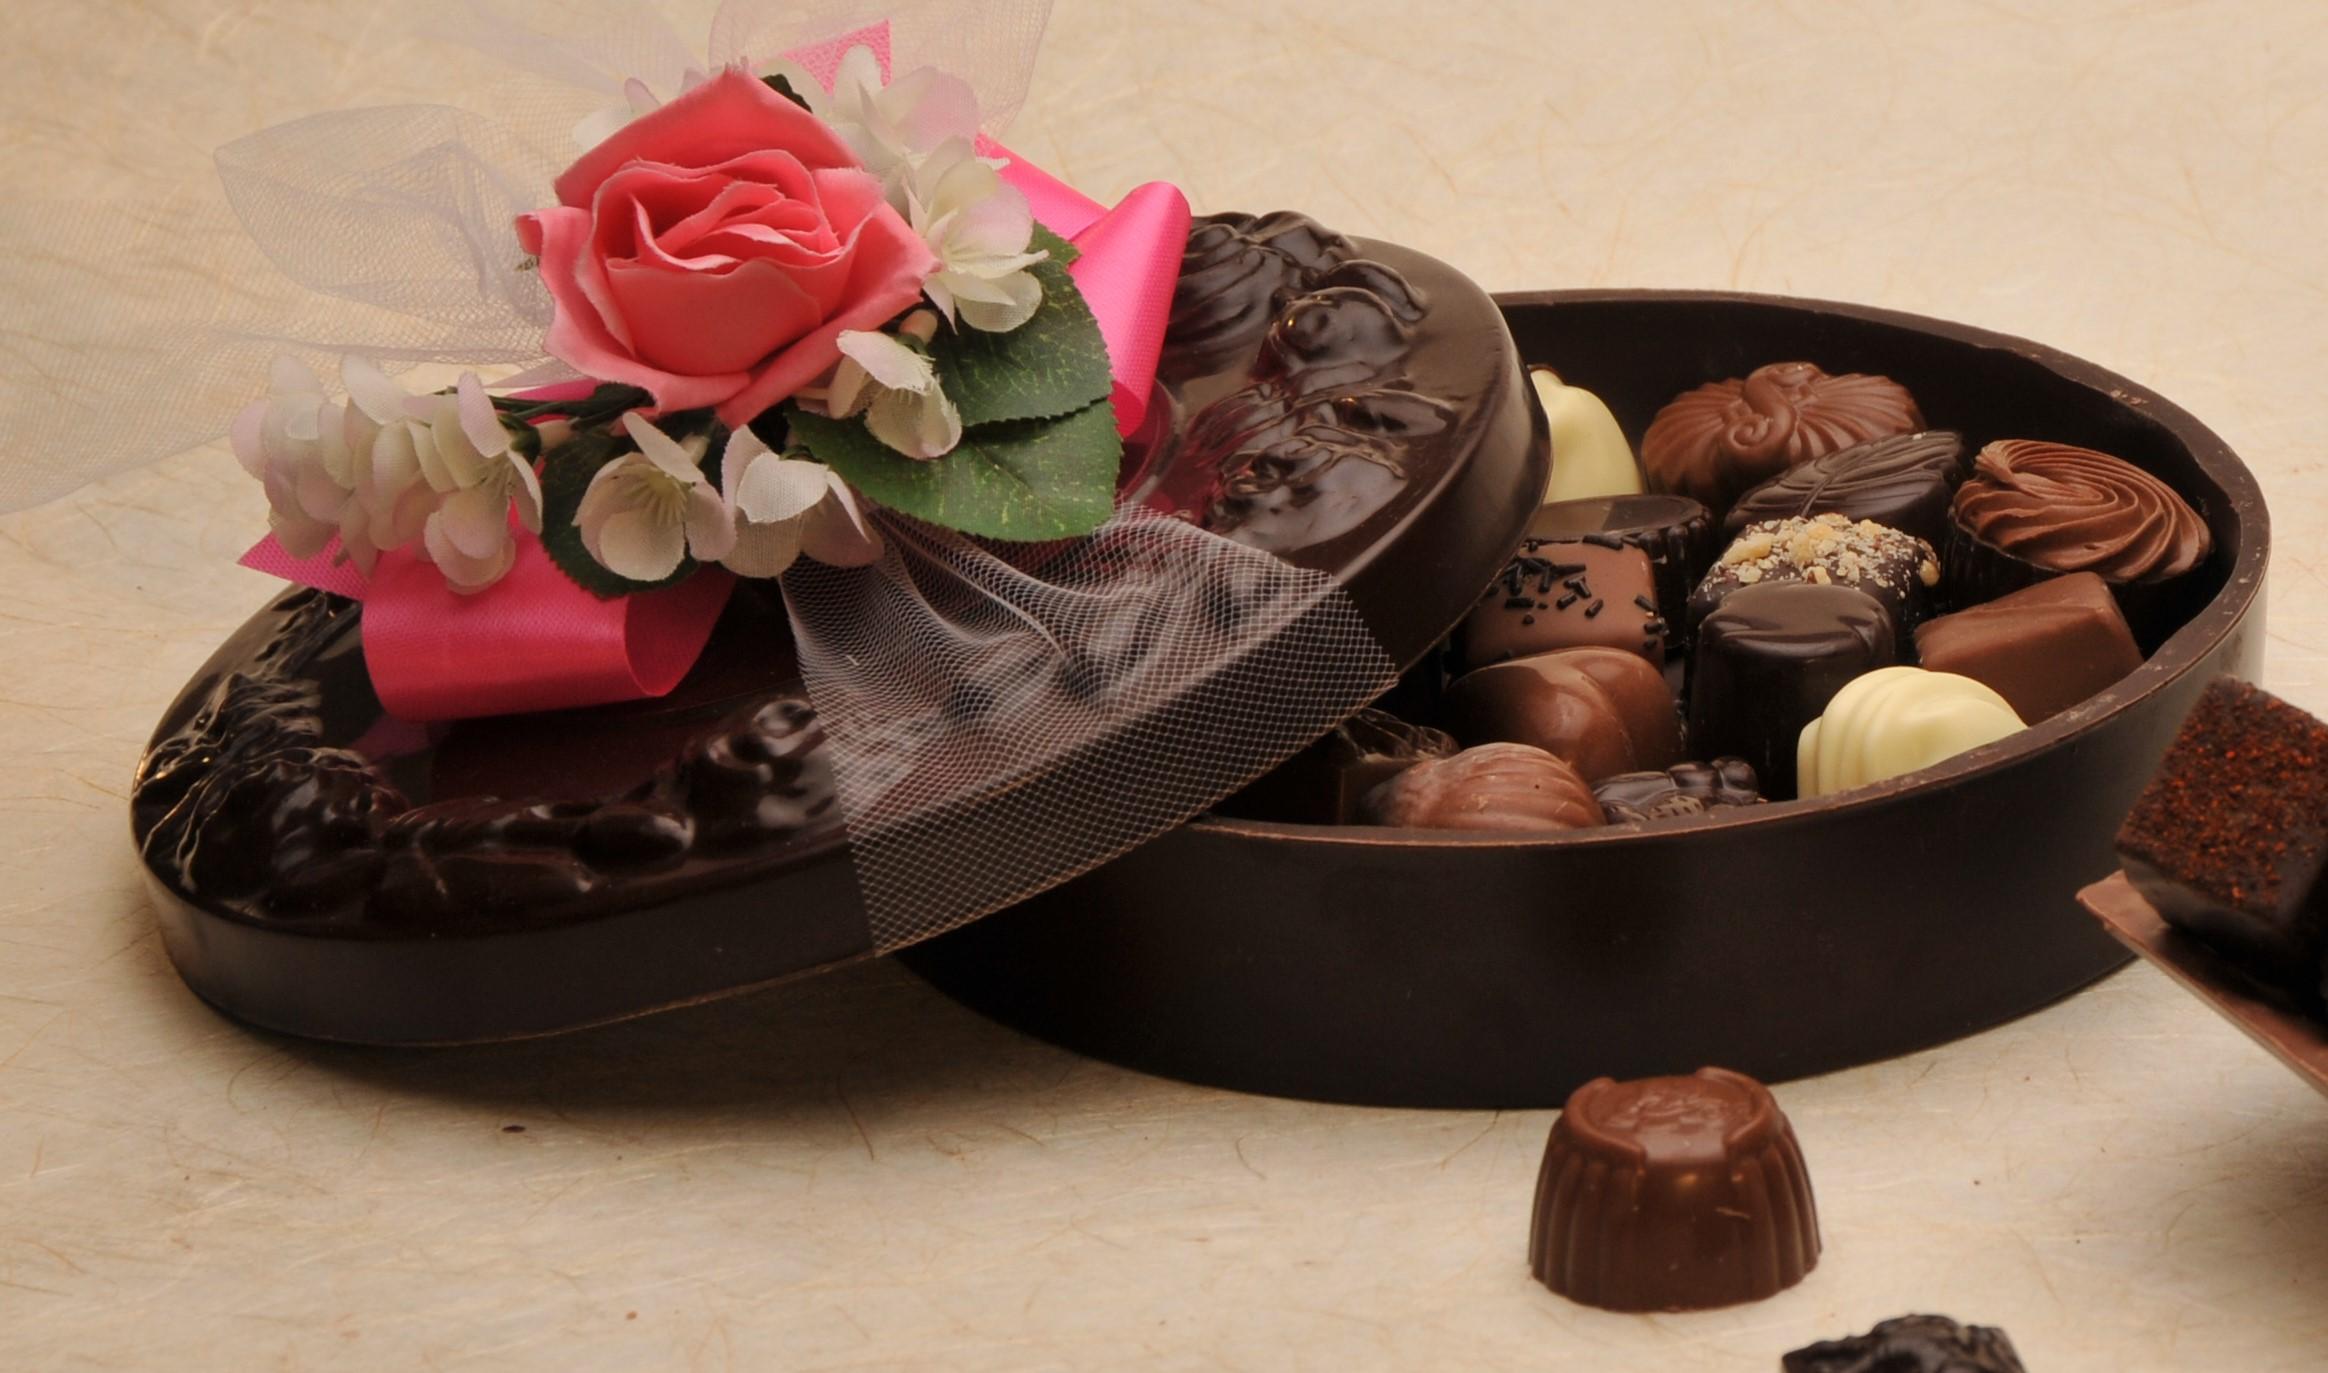 Chocolate Gift Box Flipkart : Chocolate gift box belgian chocolatier piron inc